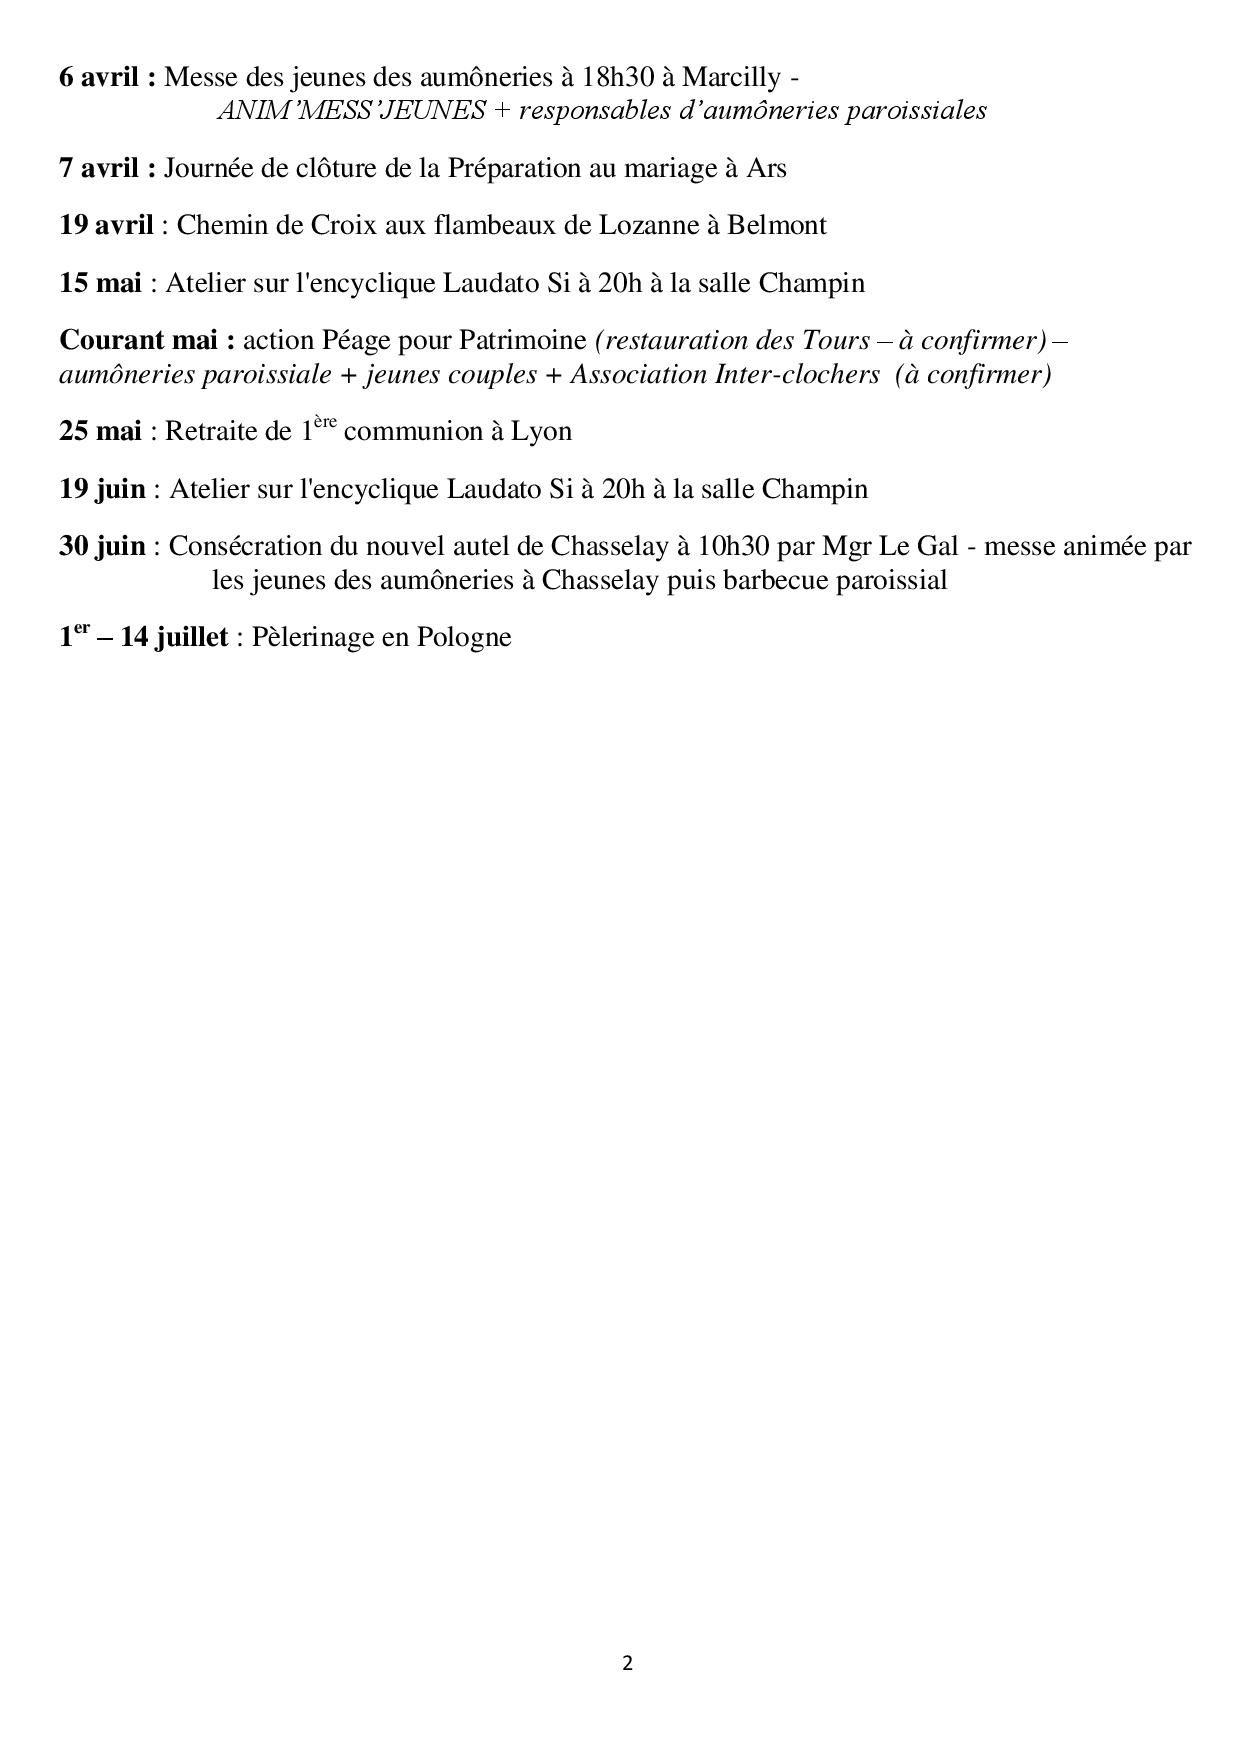 Planning activites de la paroisse 2019 pour site-page-002